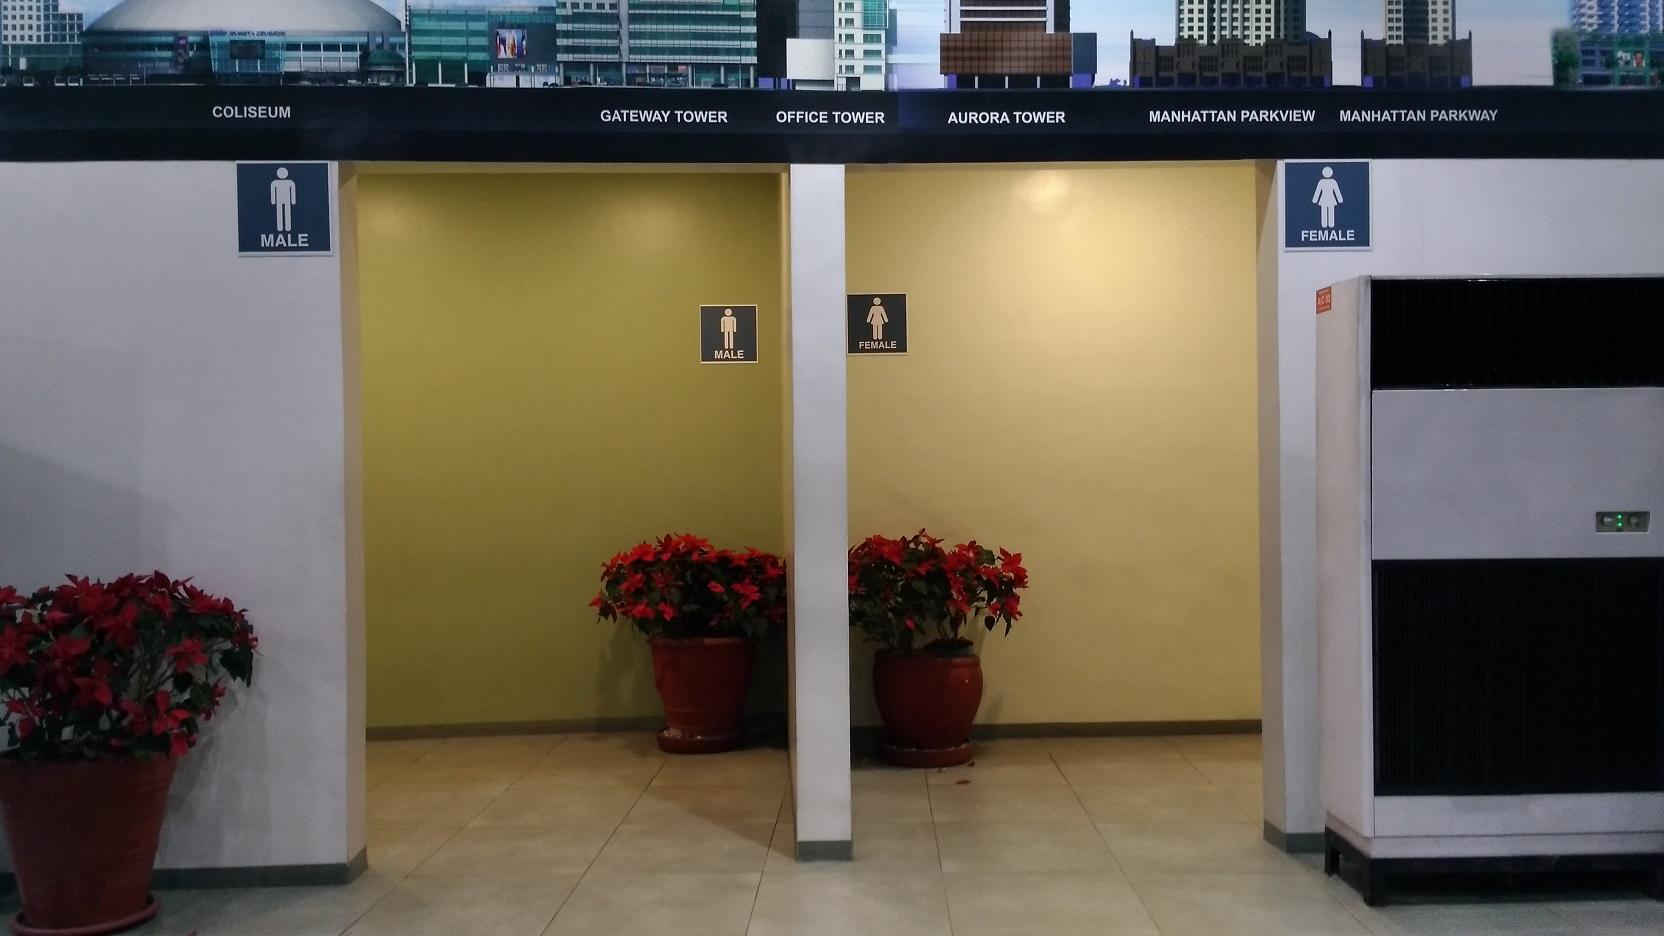 araneta center bus port (31)